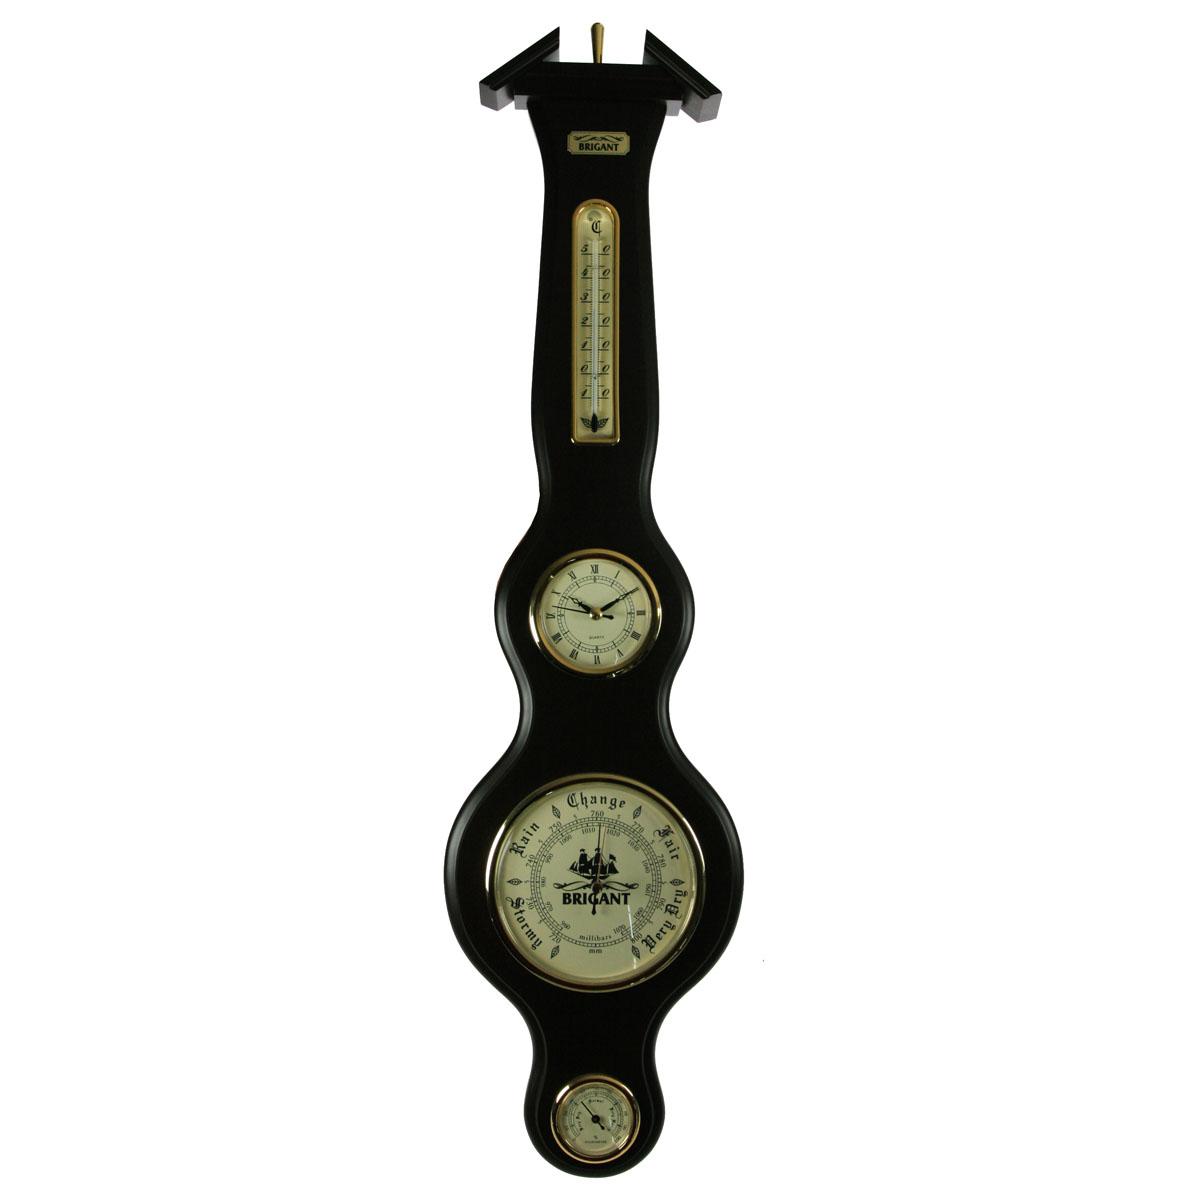 Часы-метеостанция настенная Brigant: барометр, термометр, гигрометр. 2802628026Часы-метеостанция Brigant выполнена в виде деревянной лакированной панели с расположенными на ней часами, термометром, барометром и гигрометром. Модель выполнена в духе морской тематики, хромировка под золото и светлый благородный цвет дерева делают этот предмет интерьера заслуживающим восхищения и гордости. Прилагается инструкция по эксплуатации на русском языке. Характеристики:Материал: дерево, стекло, металл. Размер панели: 75 см х 19 см. Диаметр часов: 8,5 см. Диаметр барометра: 14 см. Диаметр гигрометра: 5,5 см. Длина термометра: 16 см. Размеры упаковки: 83 см х 21 см х 6 см. Производитель: Франция. Артикул: 28026.